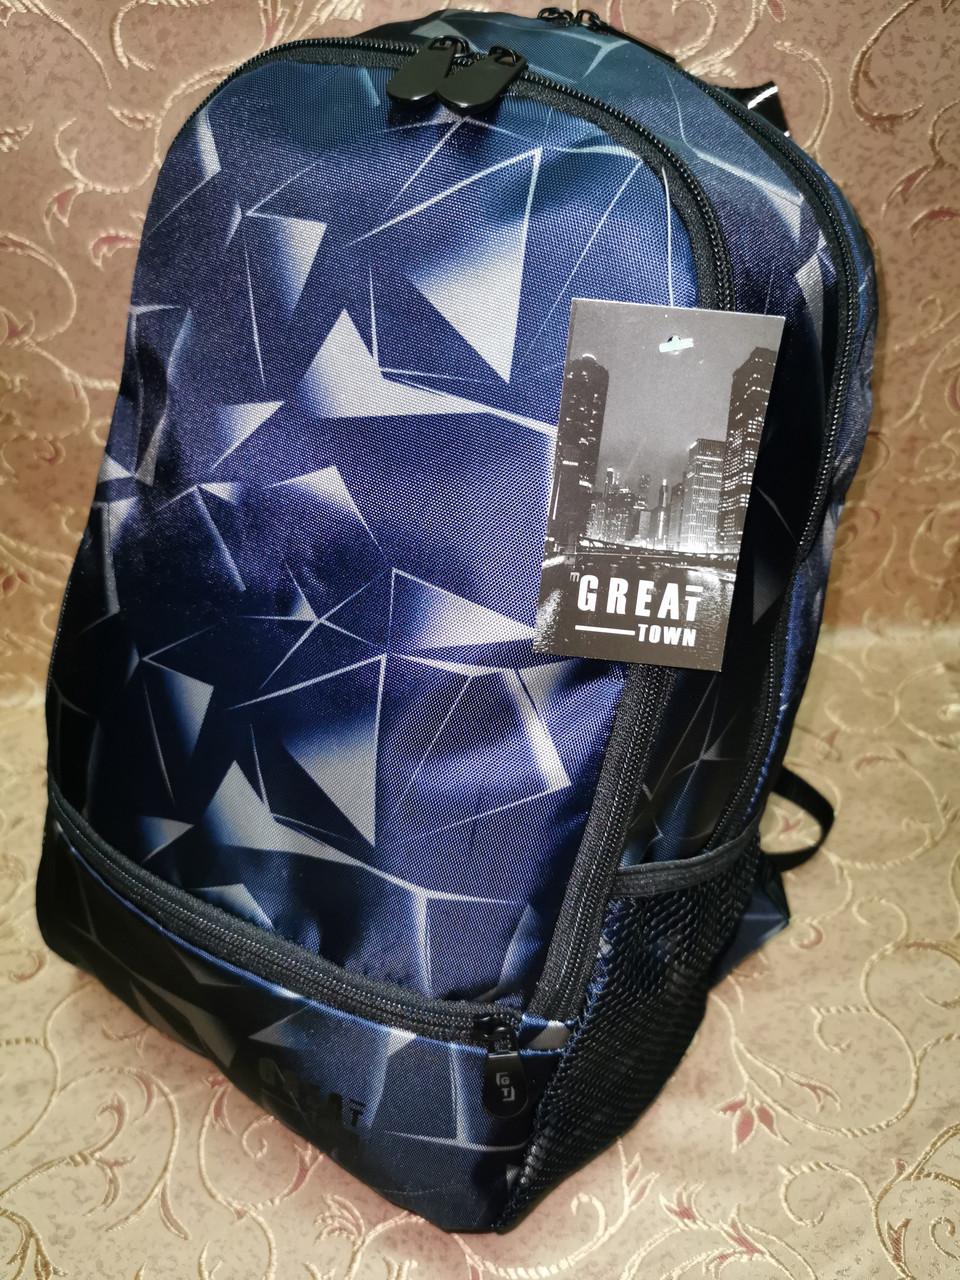 Принт рюкзак GREAT-TOWN качество спортивный спорт городской стильный ОПТ Школьный рюкзак